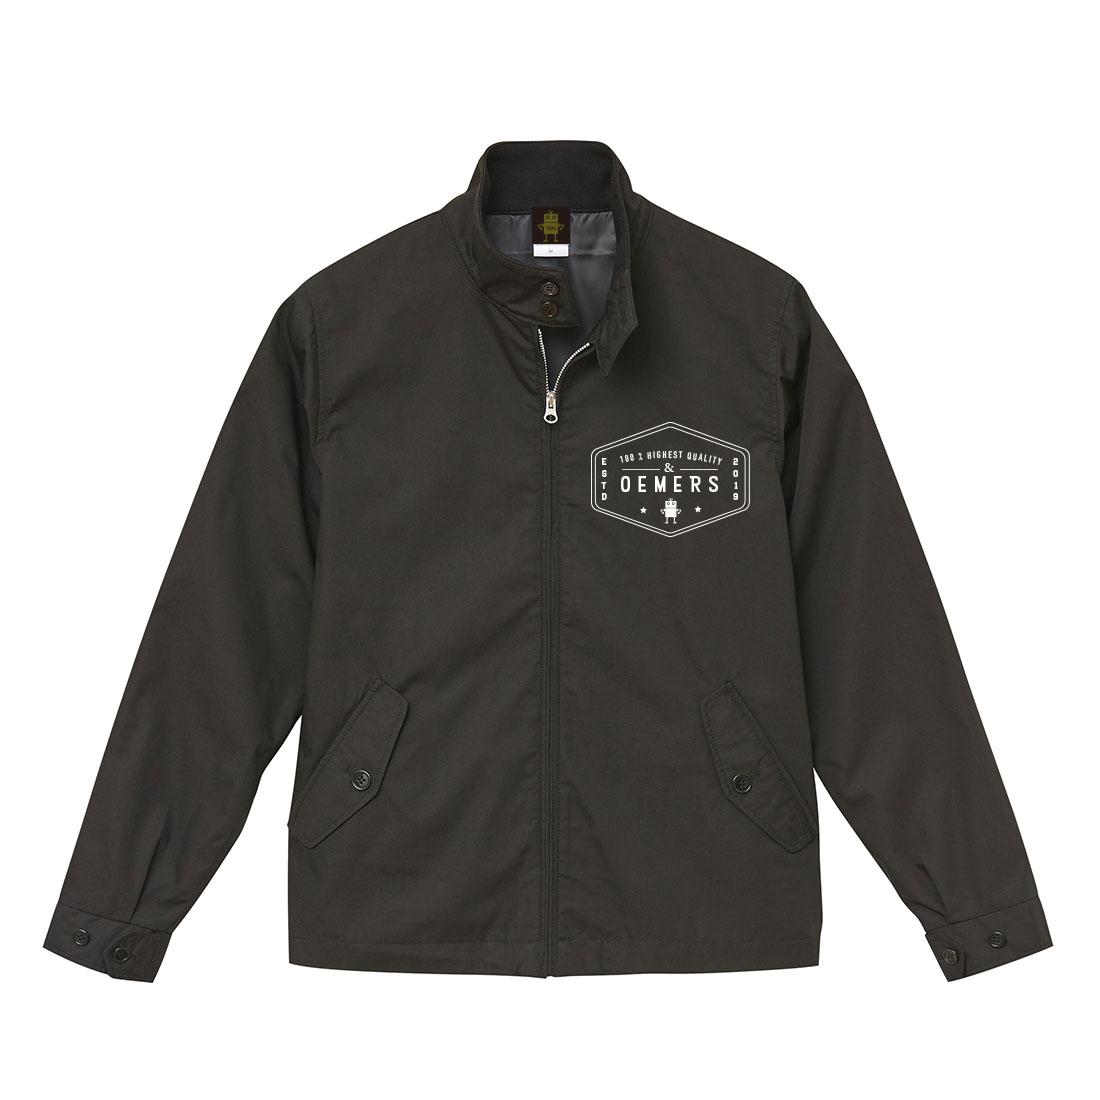 スイングトップ ジャケット ブラック